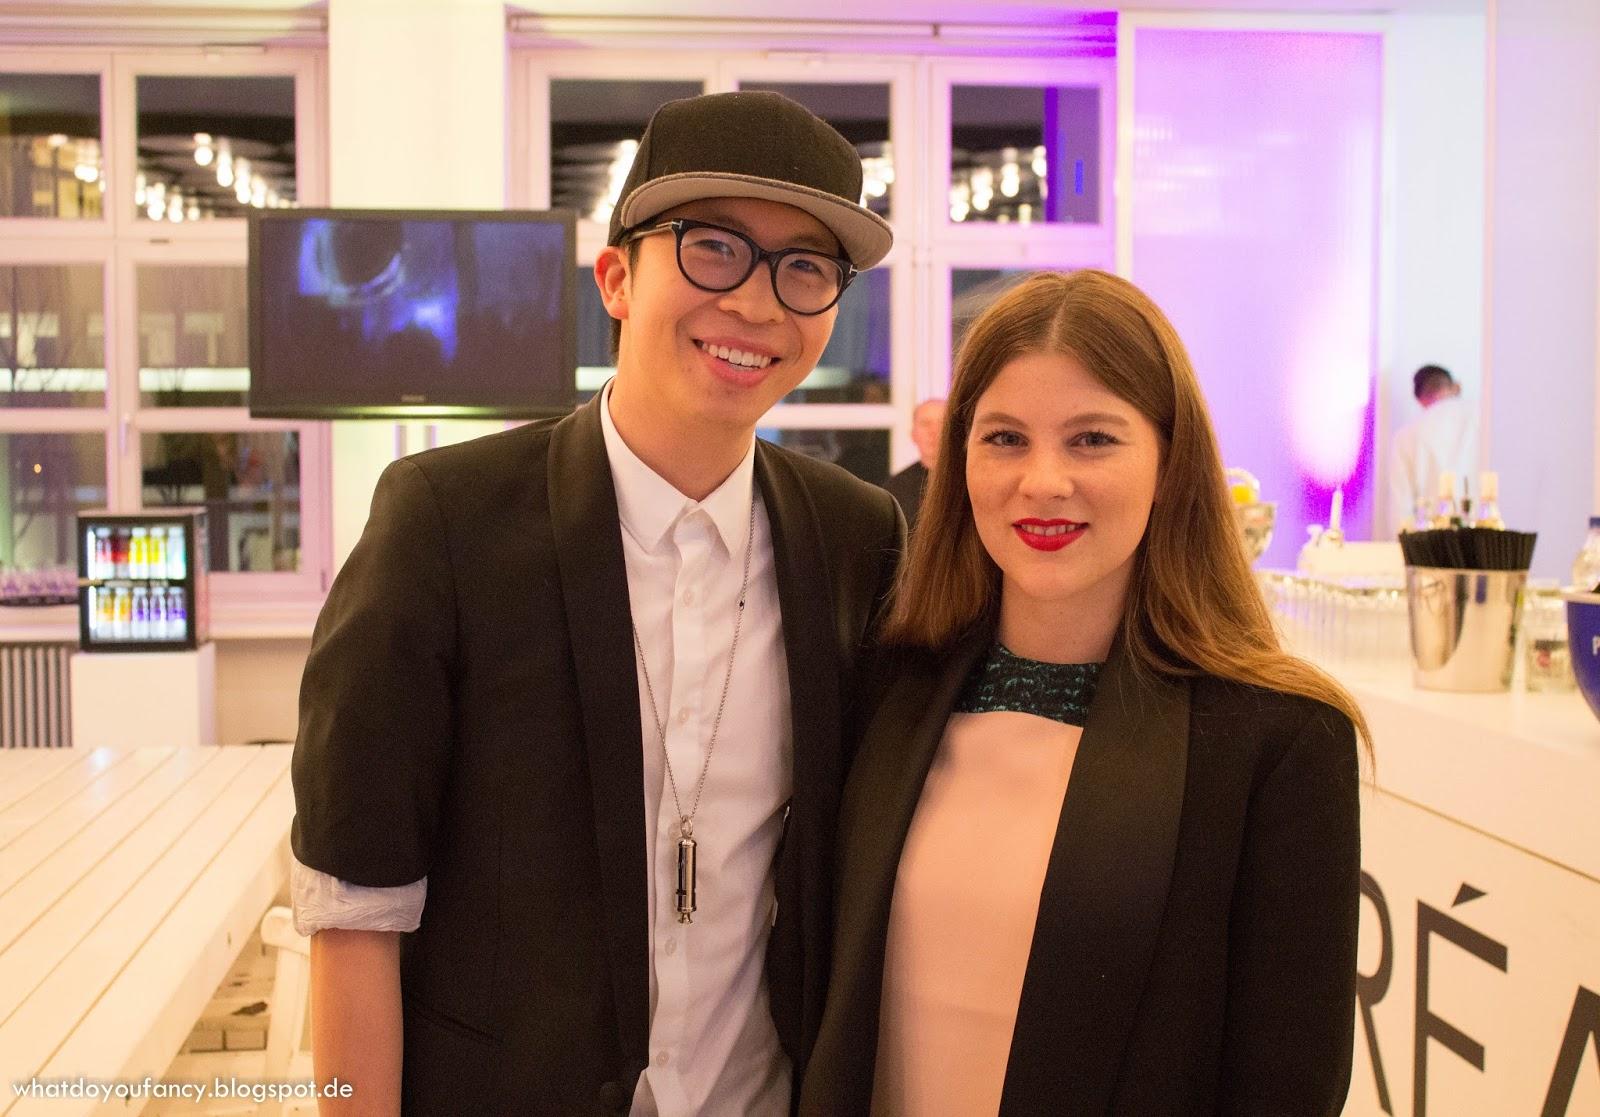 L'Oréal lud zum Launch der neuen Studio Line #TXT-Produkte + App #TXTMYSTYLE ein_Shootingfläche_Justin Wu und Jessica Weiß